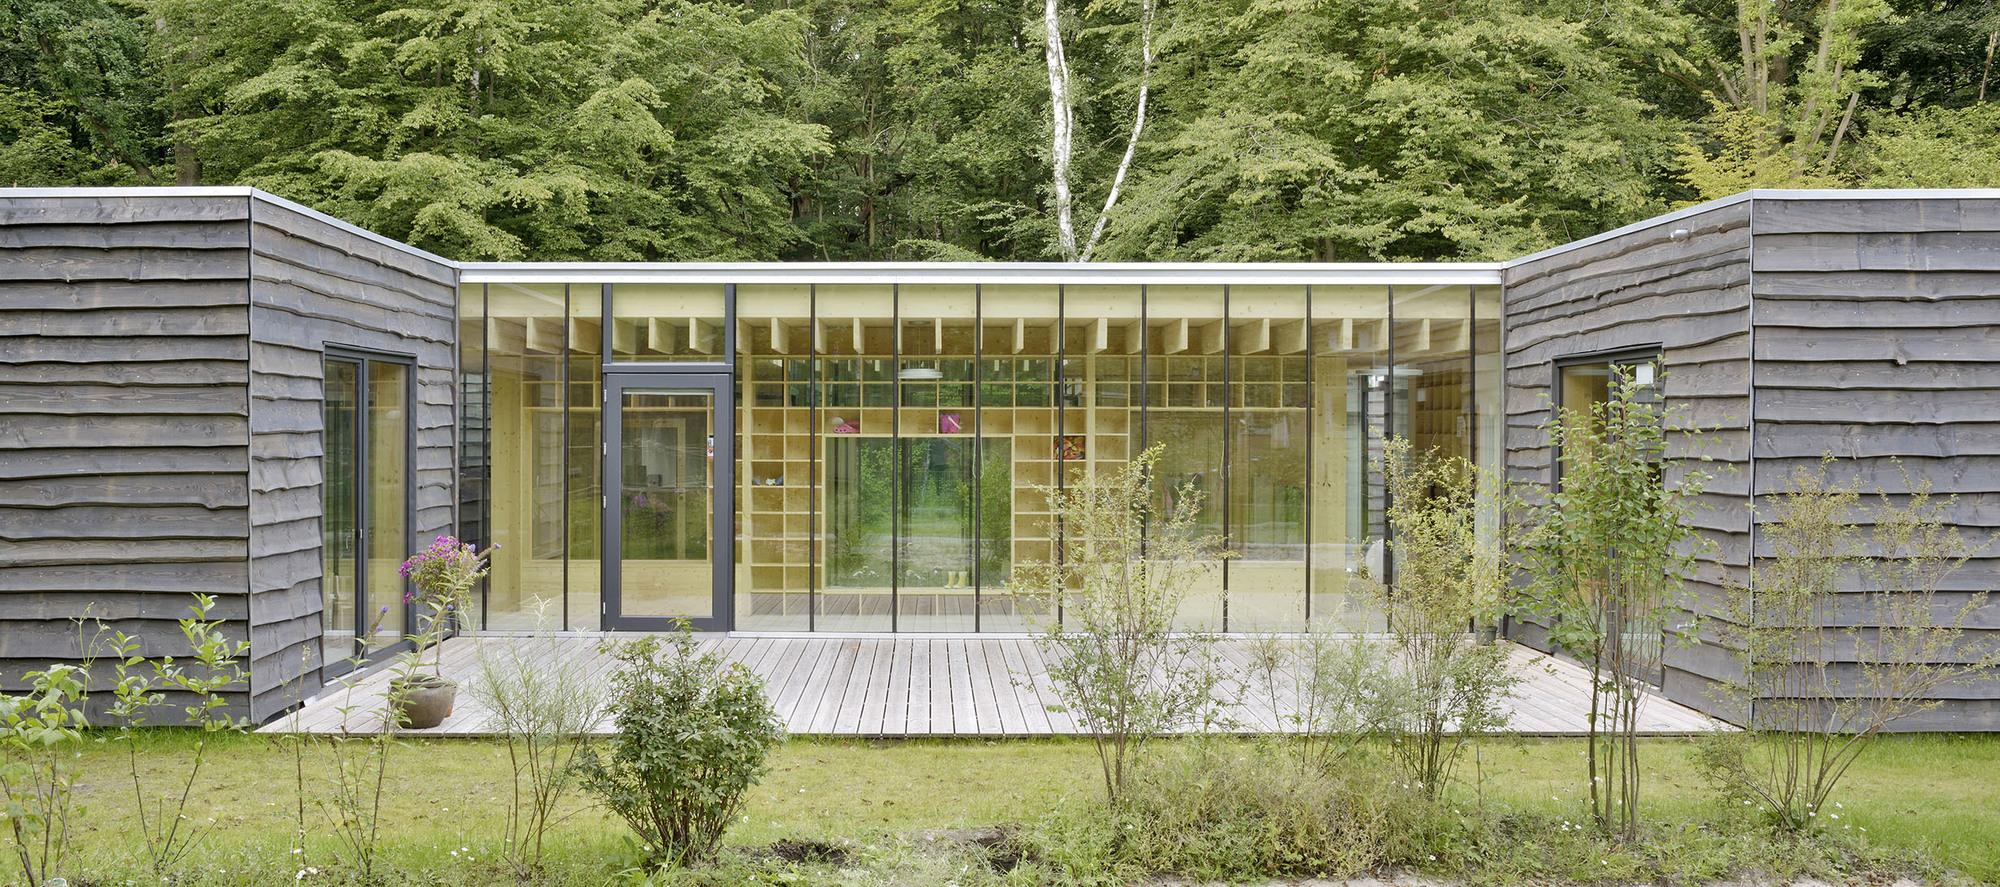 kinderkrippe nursery school kraus sch nberg architekten. Black Bedroom Furniture Sets. Home Design Ideas